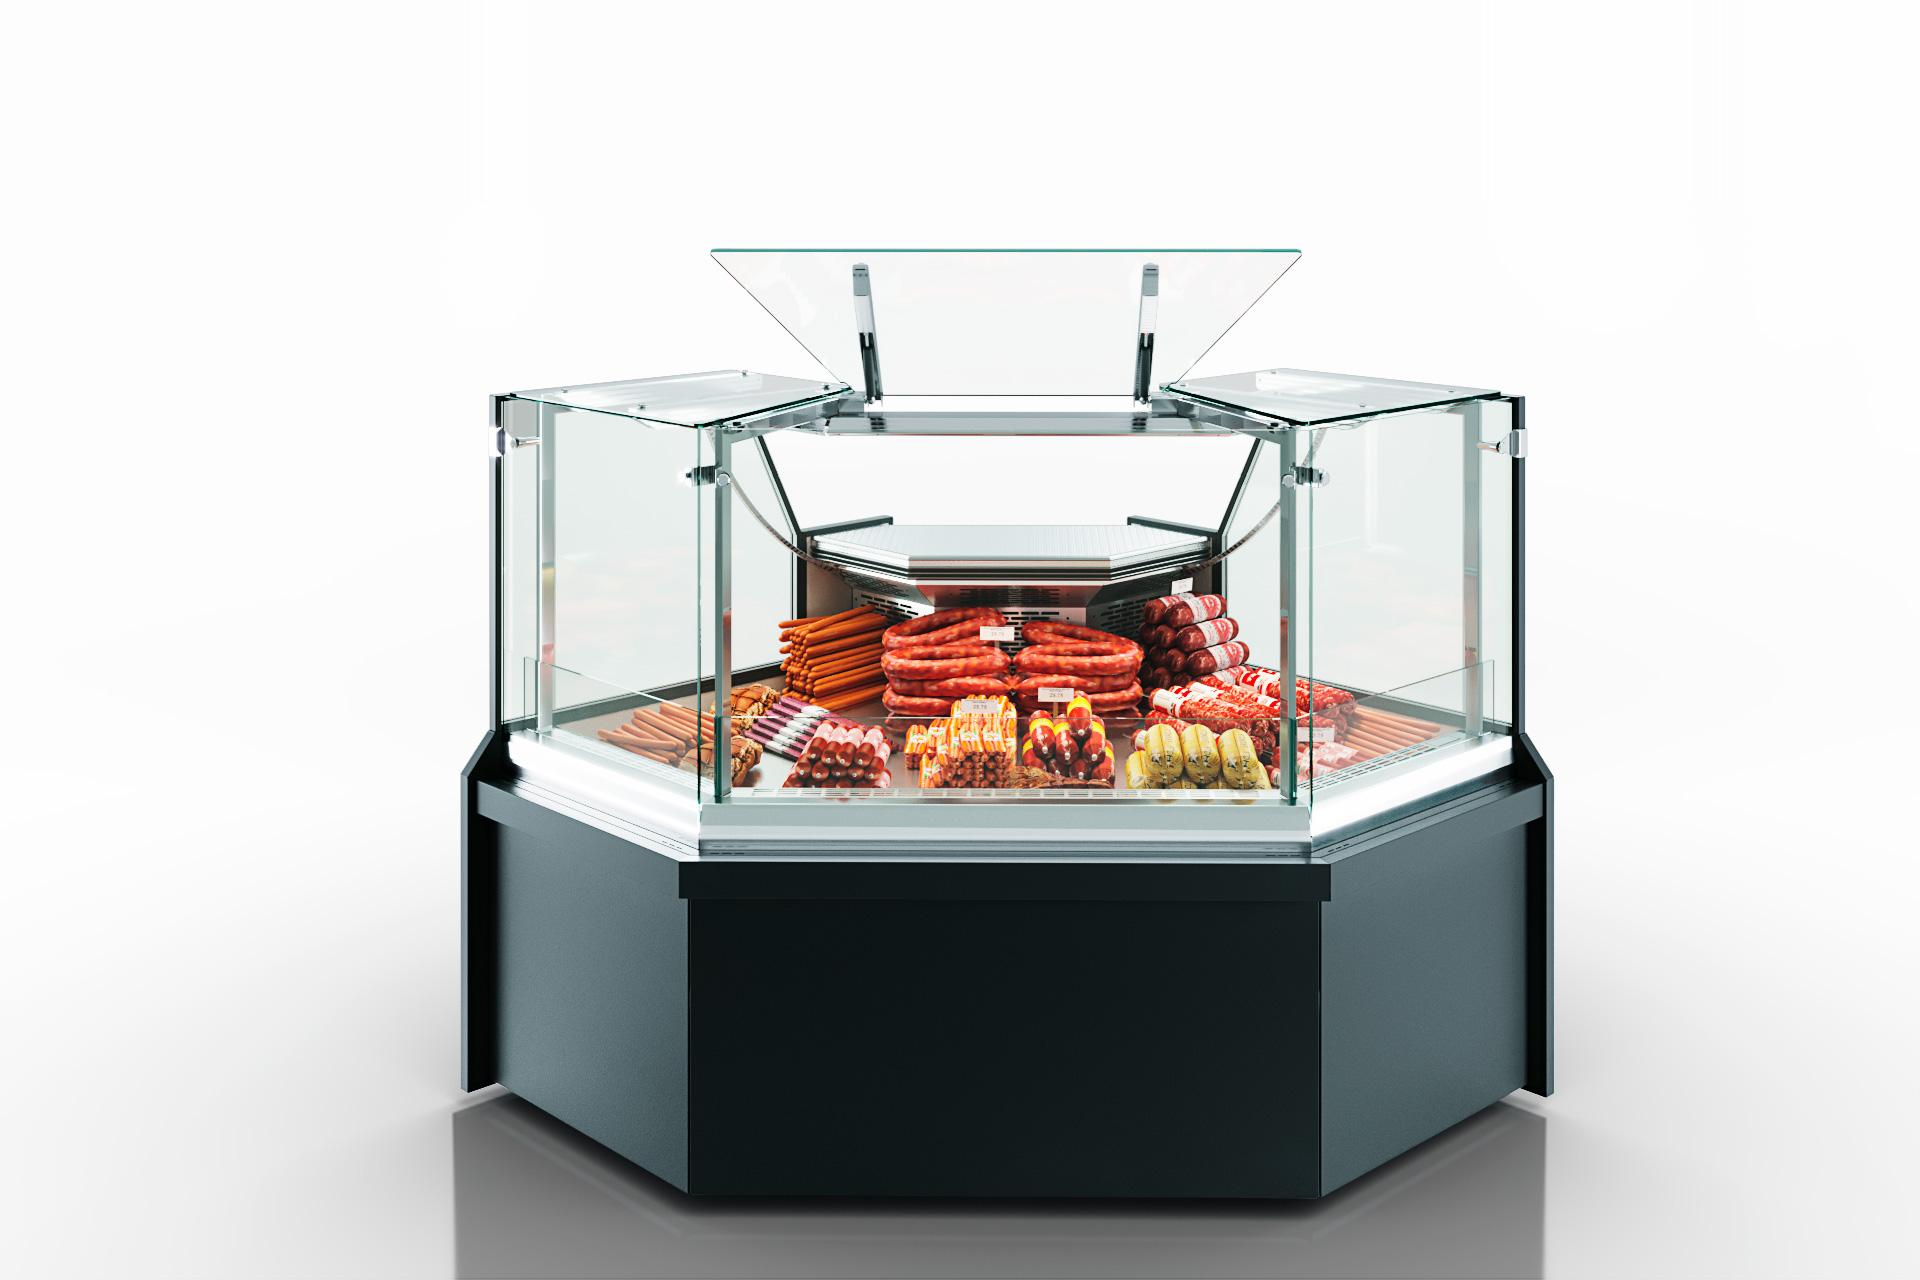 Refrigeration сounters Missouri MC 100 deli PS 130-DLM/A-ES90 - angular elements